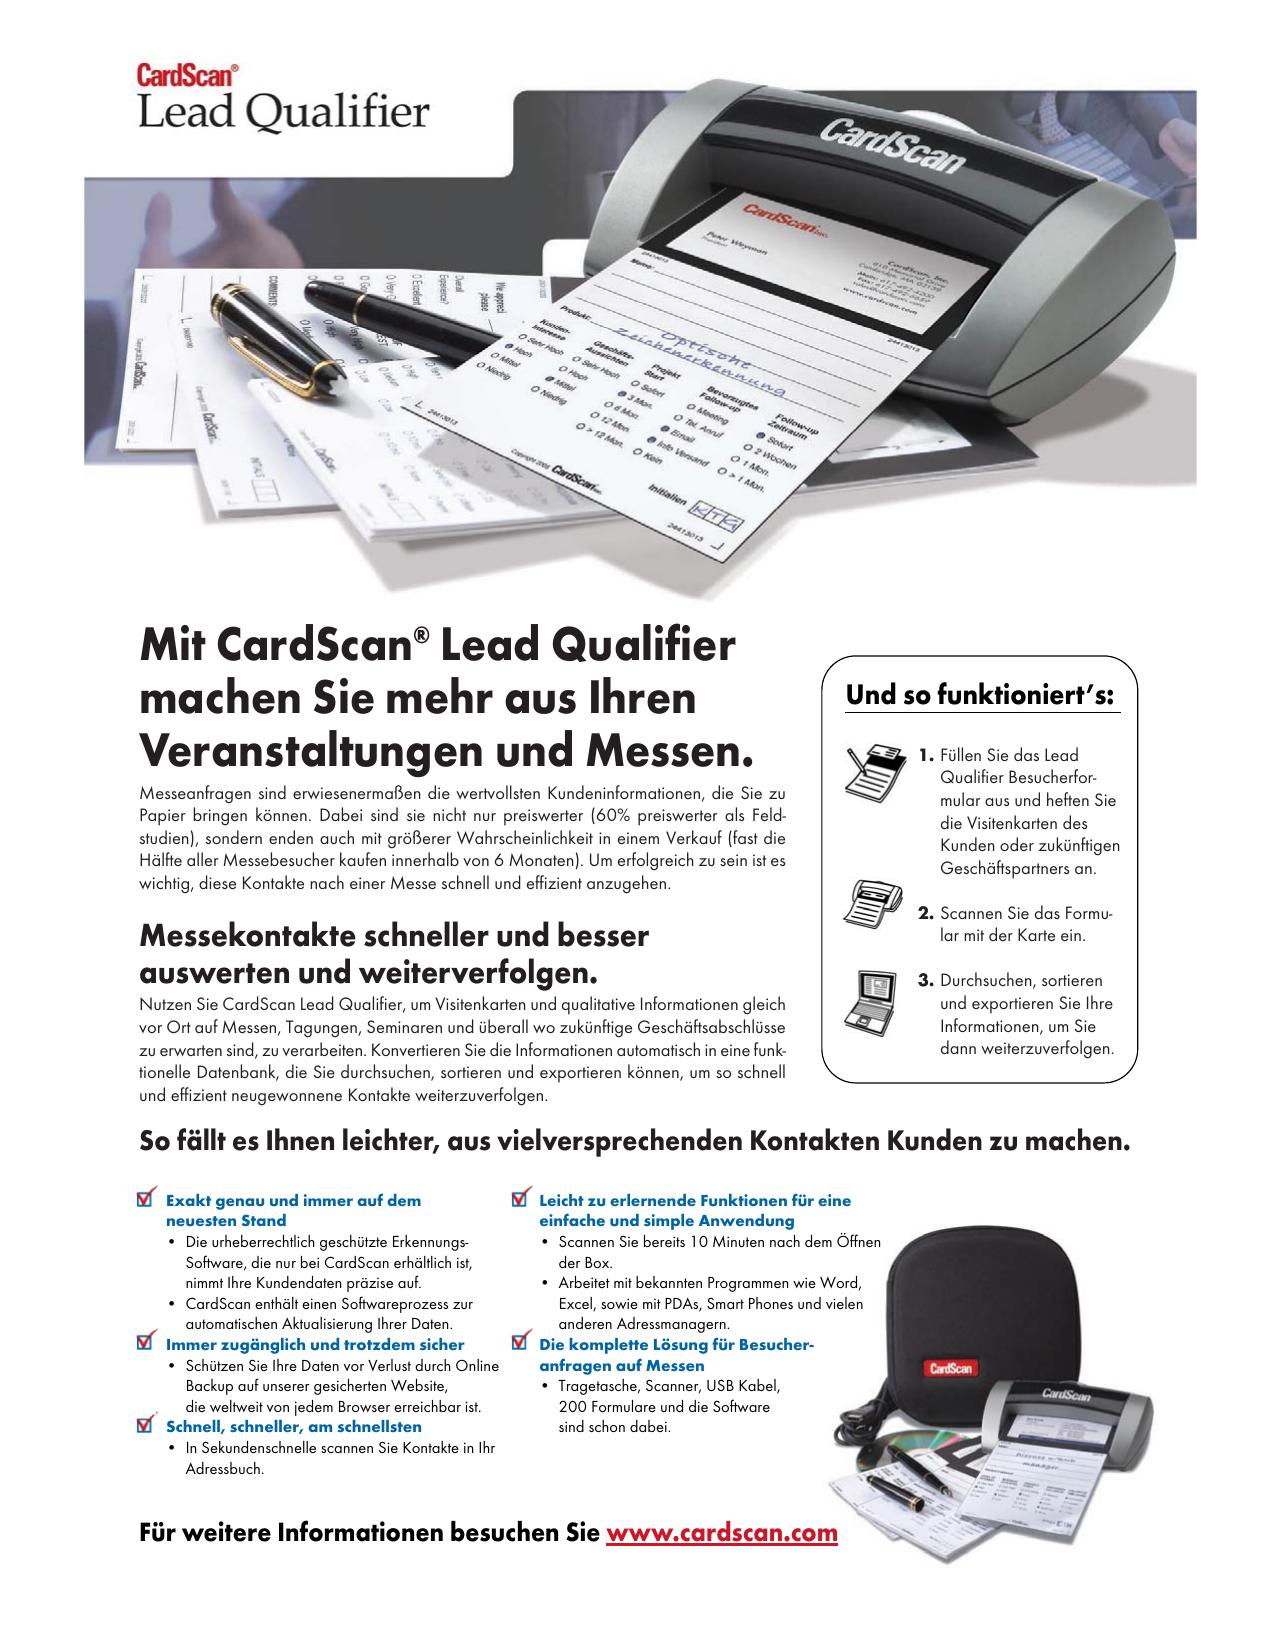 Mit Cardscan Lead Qualifier Machen Sie Mehr Aus Ihren